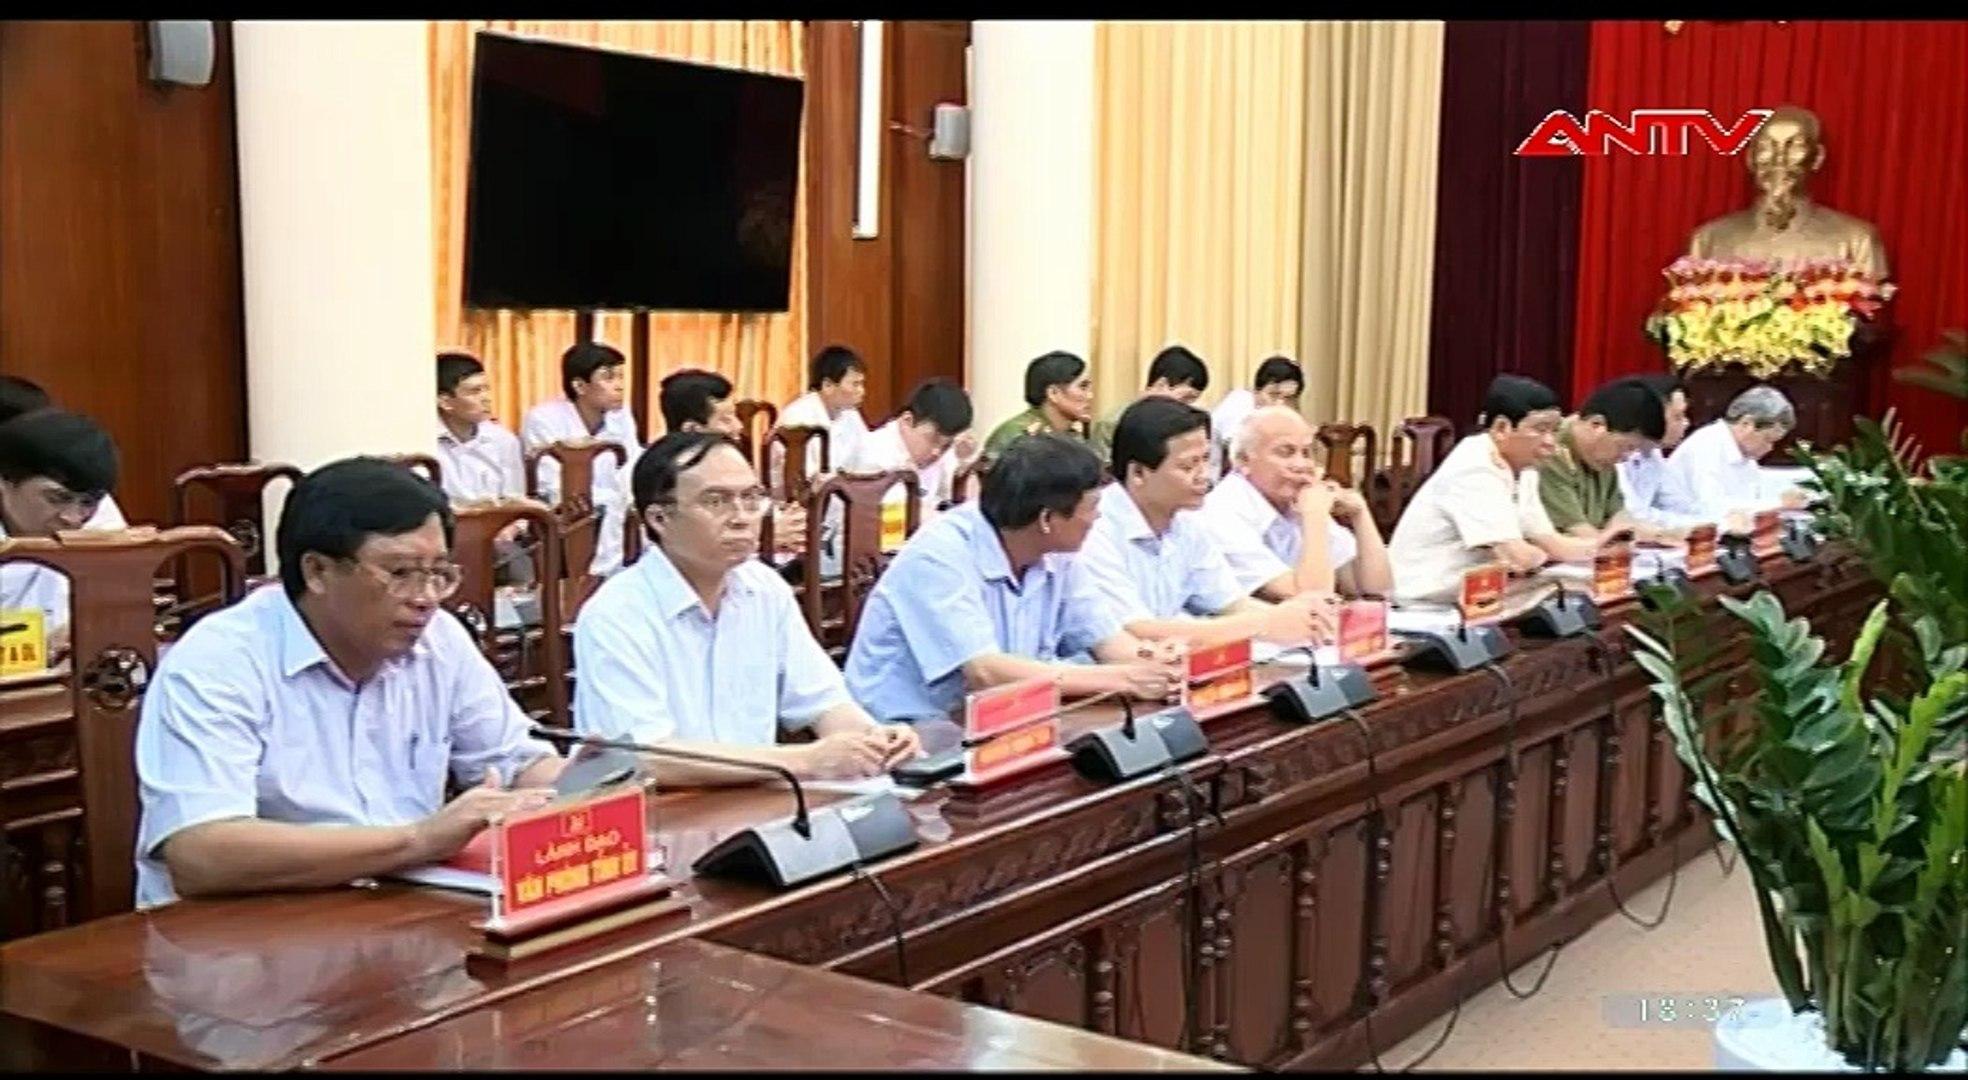 Bộ trưởng Tô Lâm kiểm tra công tác chuẩn bị bầu cử tại Bắc Ninh